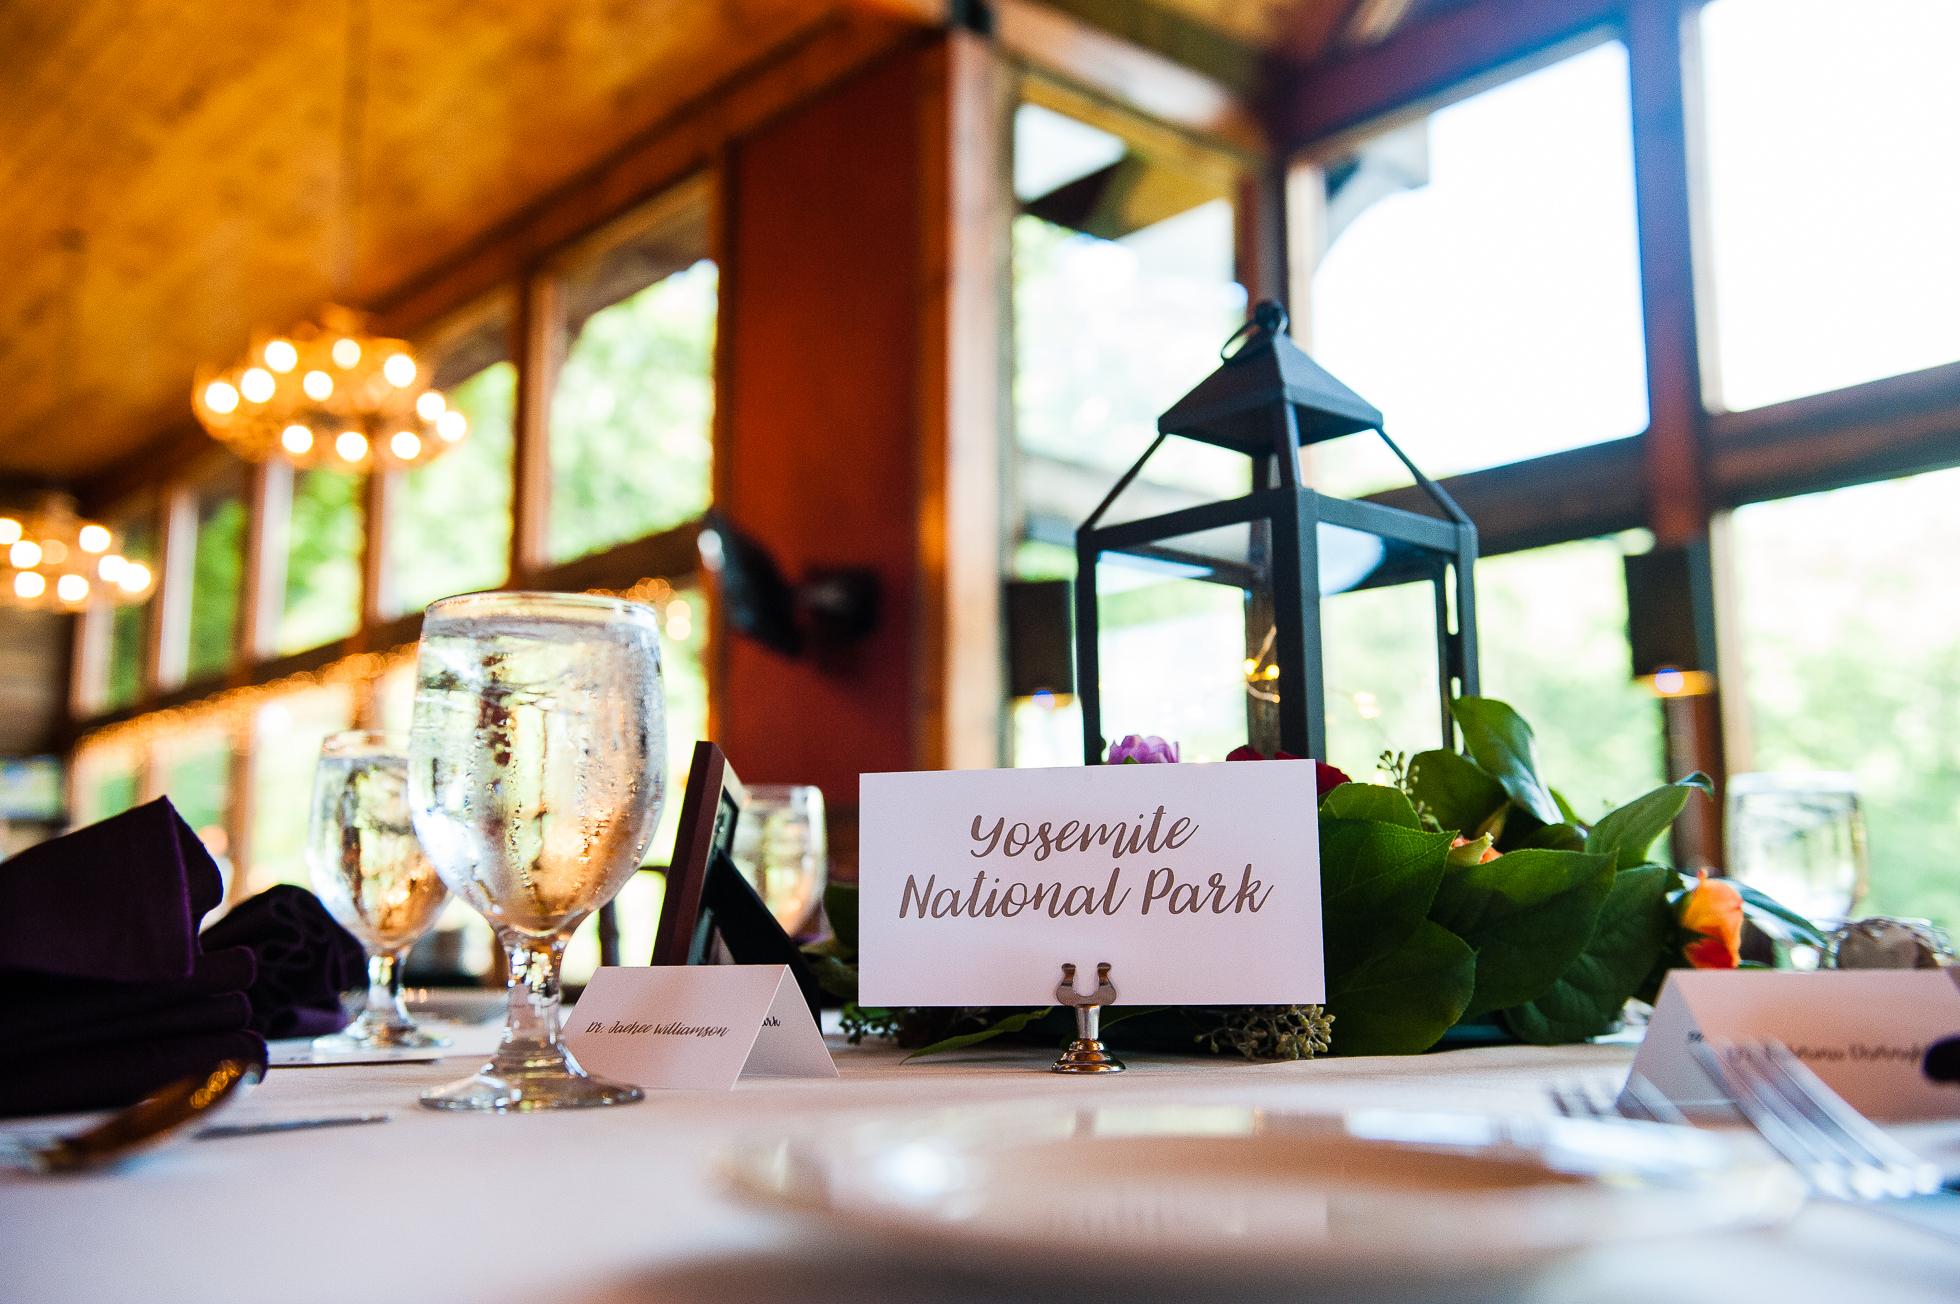 laurel ridge country club wedding reception